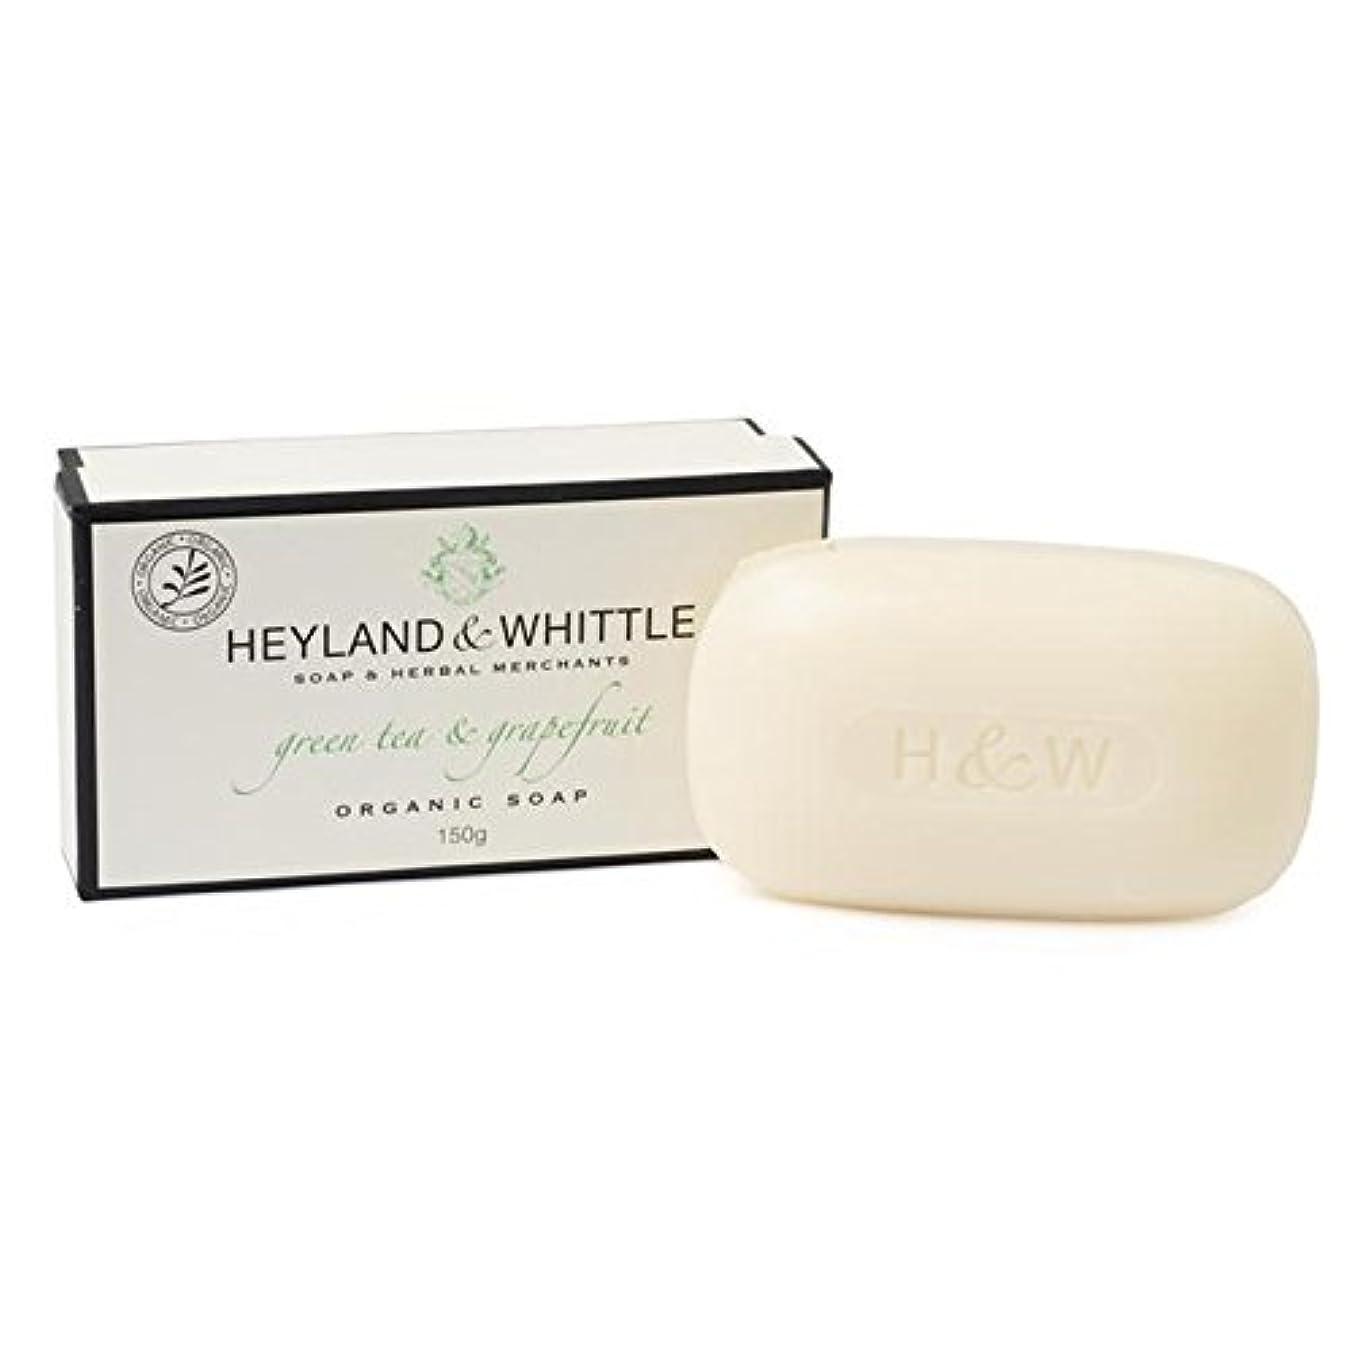 聖職者忘れっぽい闘争Heyland & Whittle Green Tea & Grapefruit Boxed Organic Soap 150g - &削る緑茶&グレープフルーツはオーガニックソープ150グラム箱入り [並行輸入品]